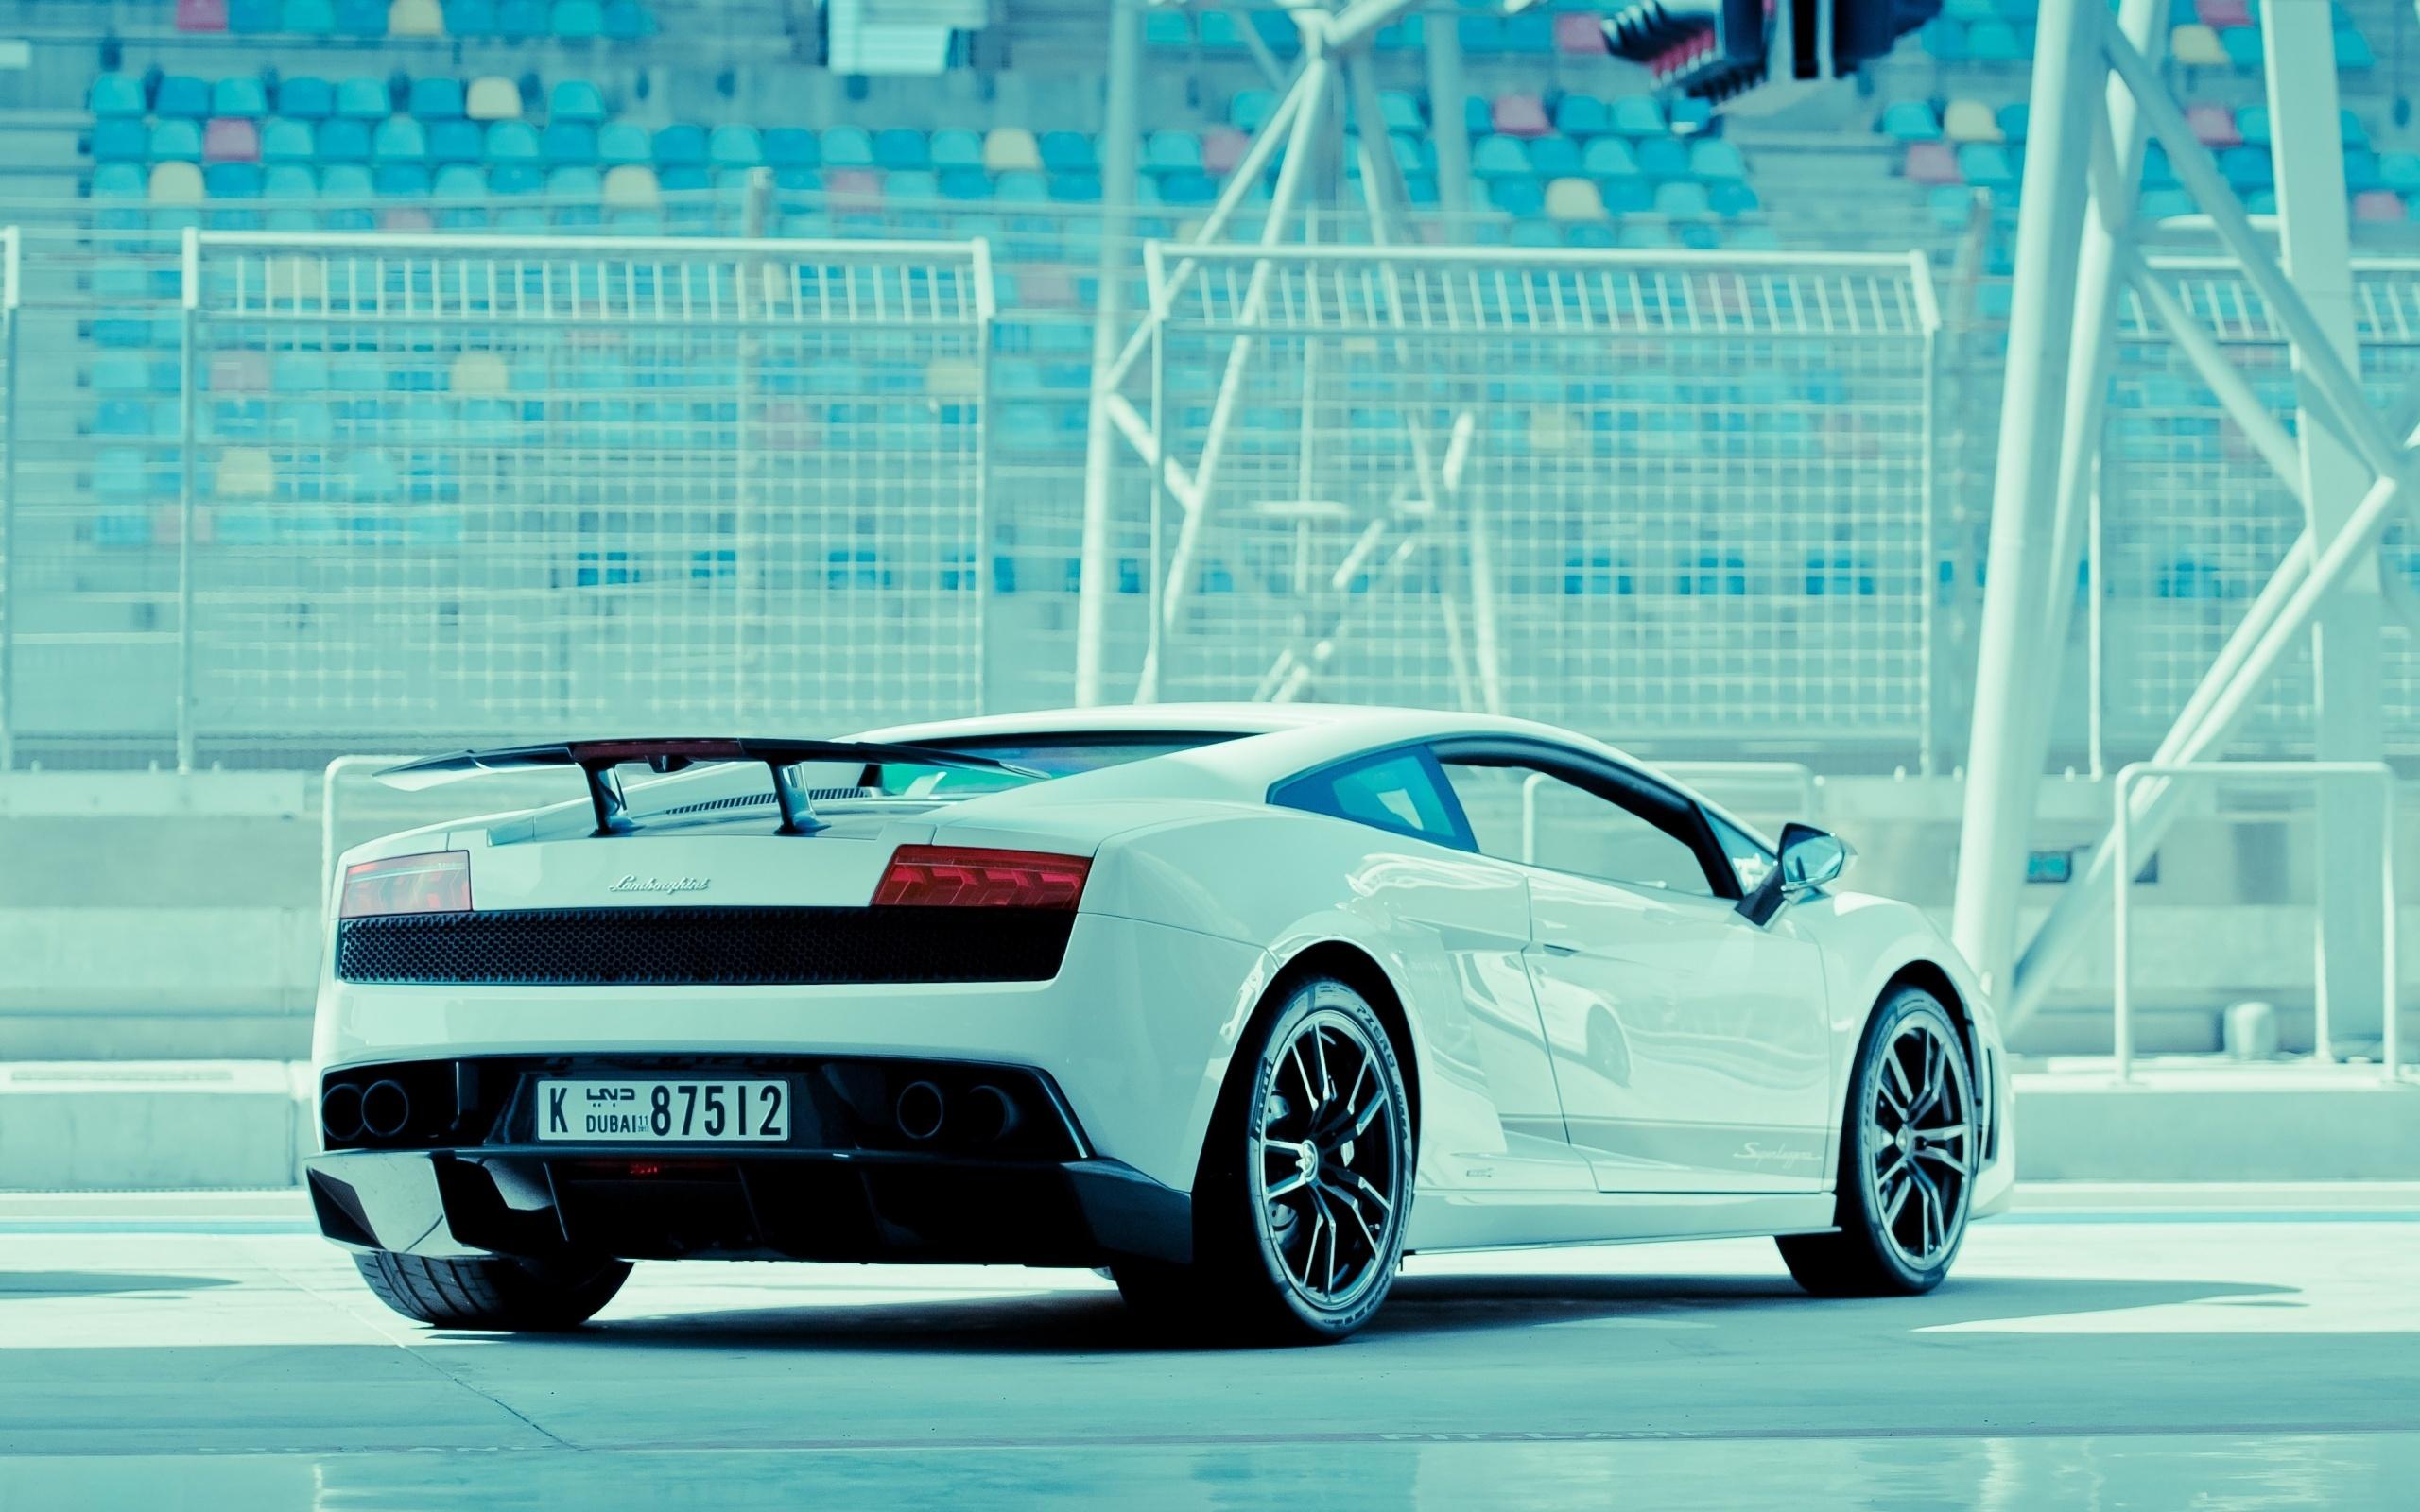 24027 скачать обои Транспорт, Машины, Ламборджини (Lamborghini) - заставки и картинки бесплатно